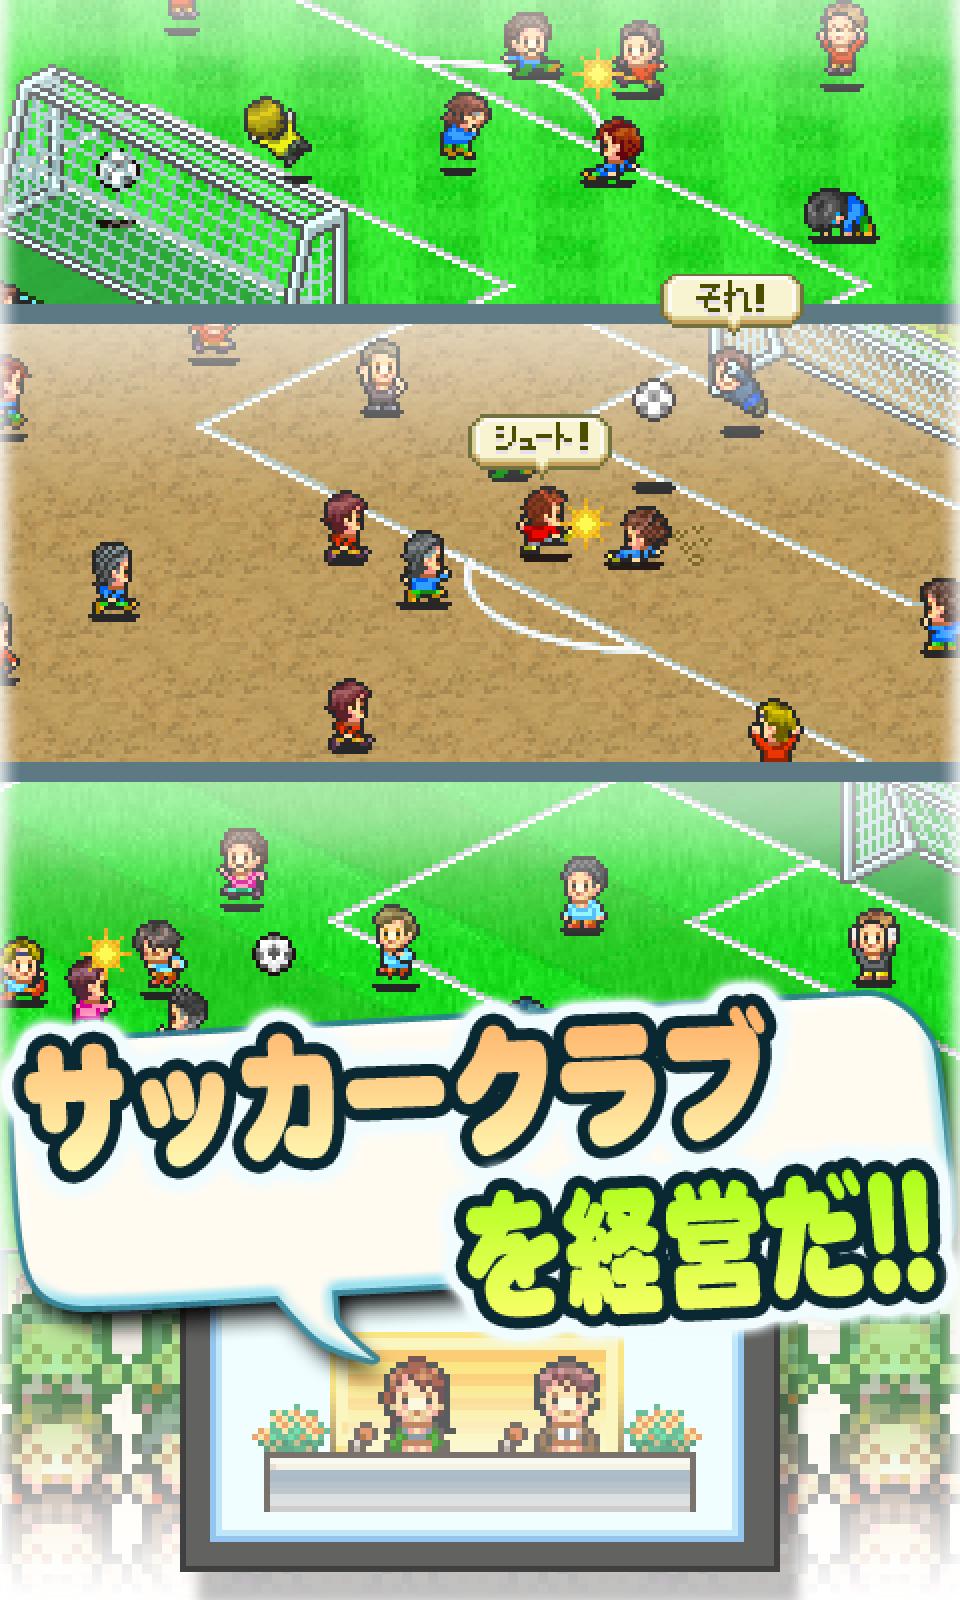 サッカークラブ物語2 screenshot #10